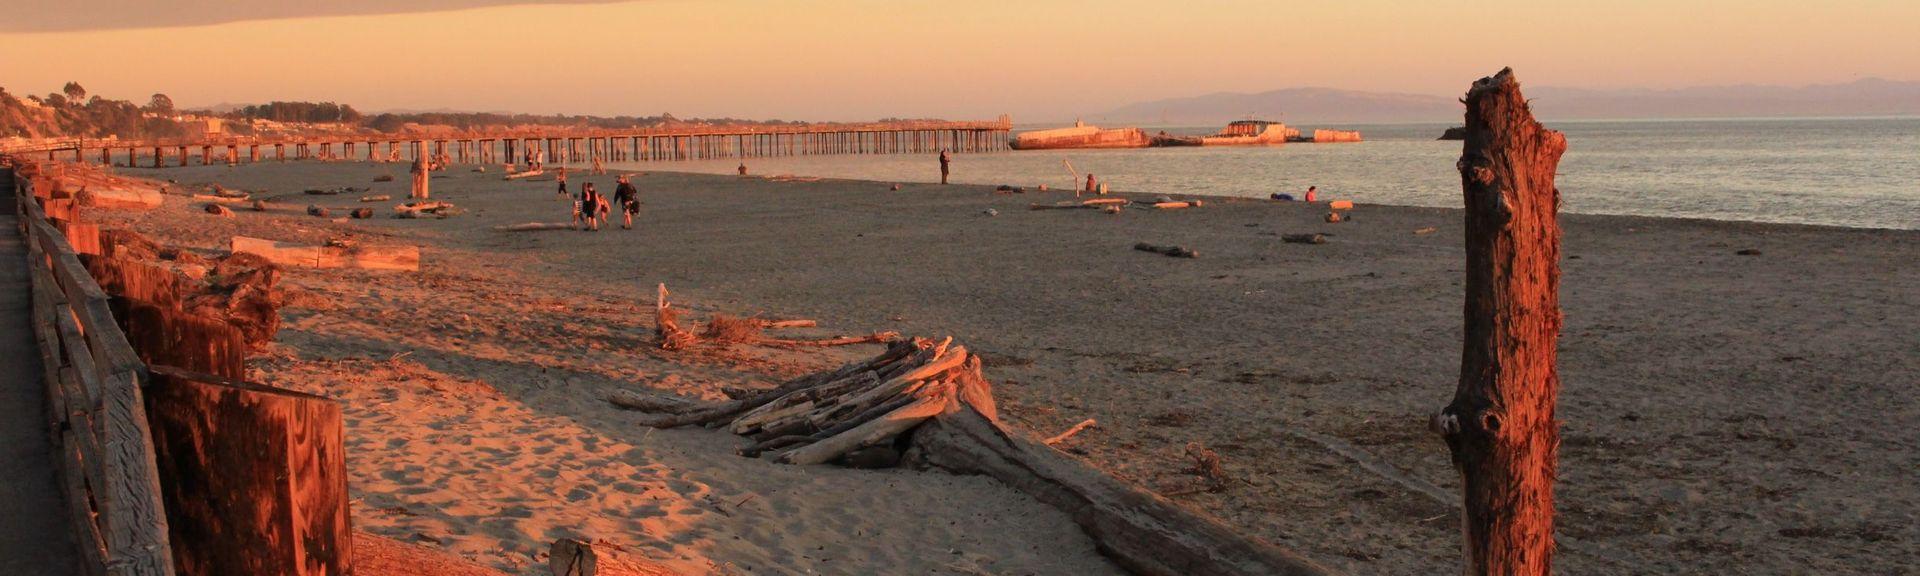 Seacliff State Beach, Aptos, CA, USA